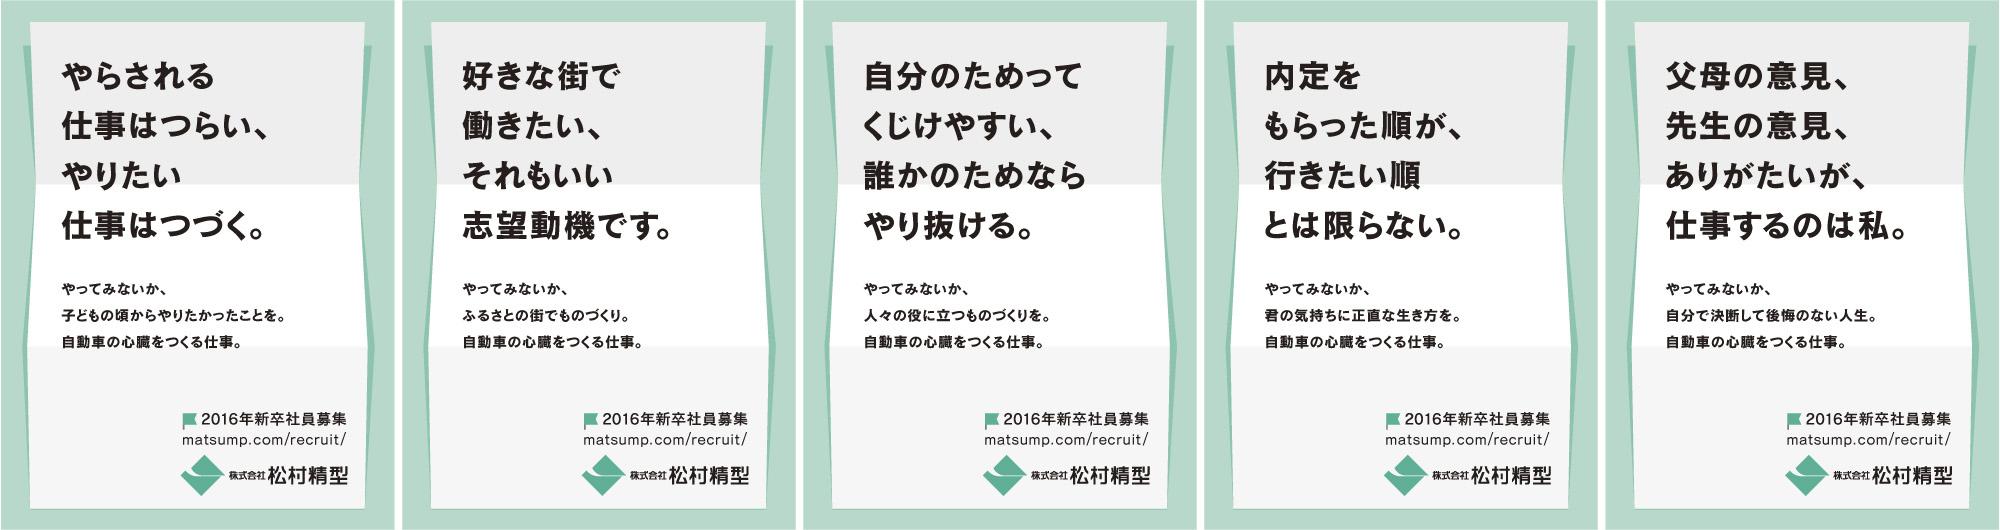 松村精型 新聞広告 全3段_B